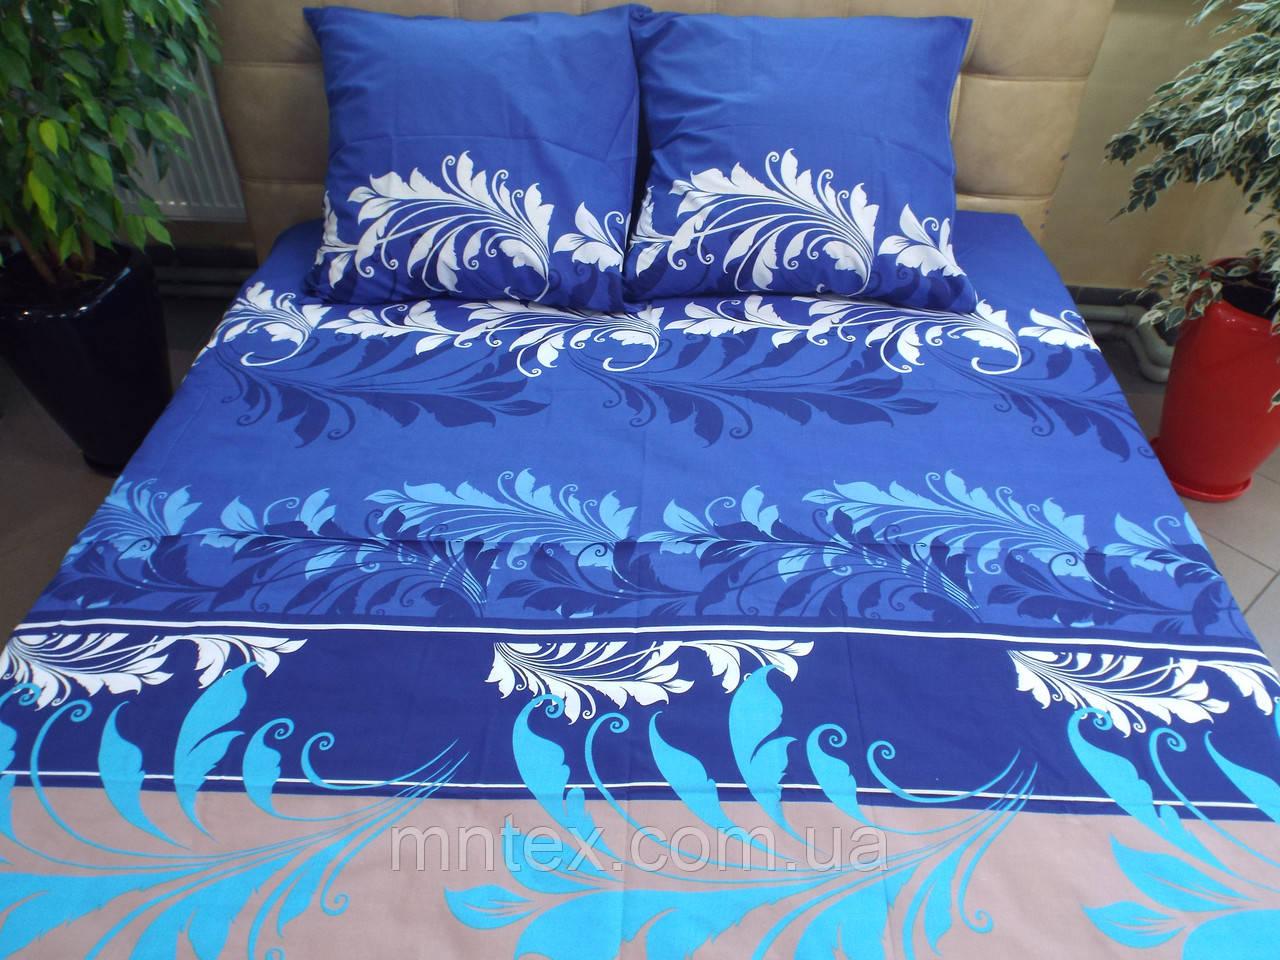 Комплект постельного белья бязь Голд Мечта (синий)